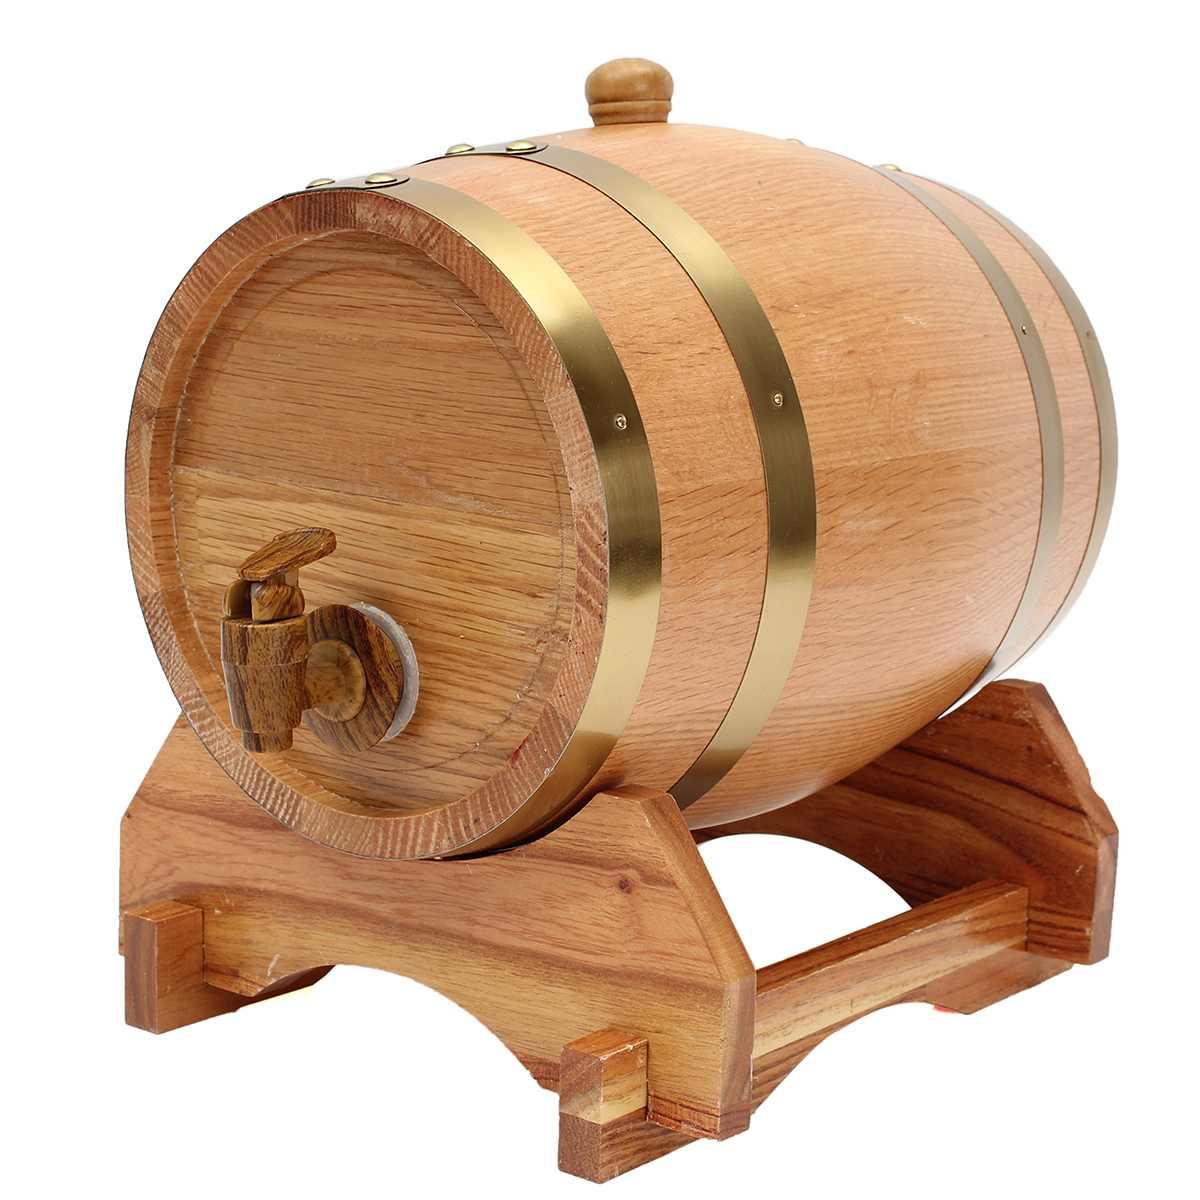 5L beer brewing keg Vintage Wood Oak Timber Wine Barrel for Whiskey Rum Port Decorative Barrel Keg Hotel Restaurant Display|Beer Brewing| |  - title=